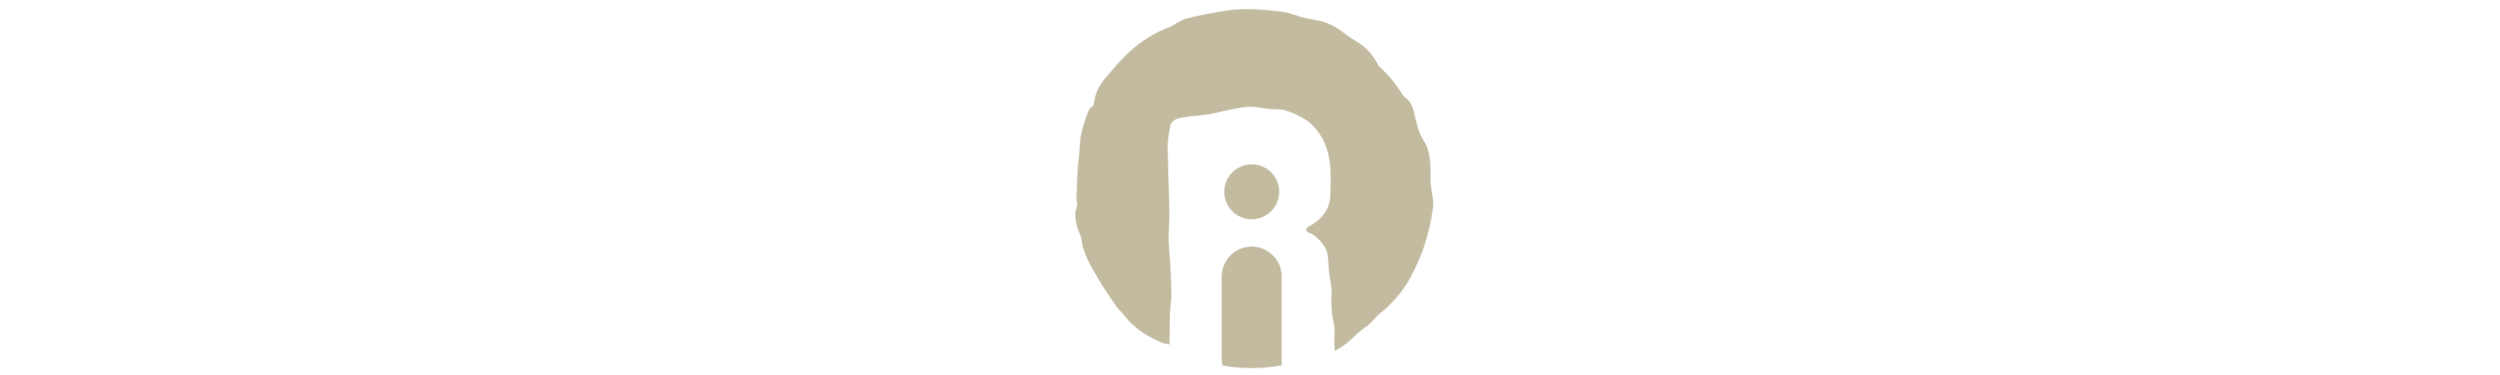 round-logo-01-01.png